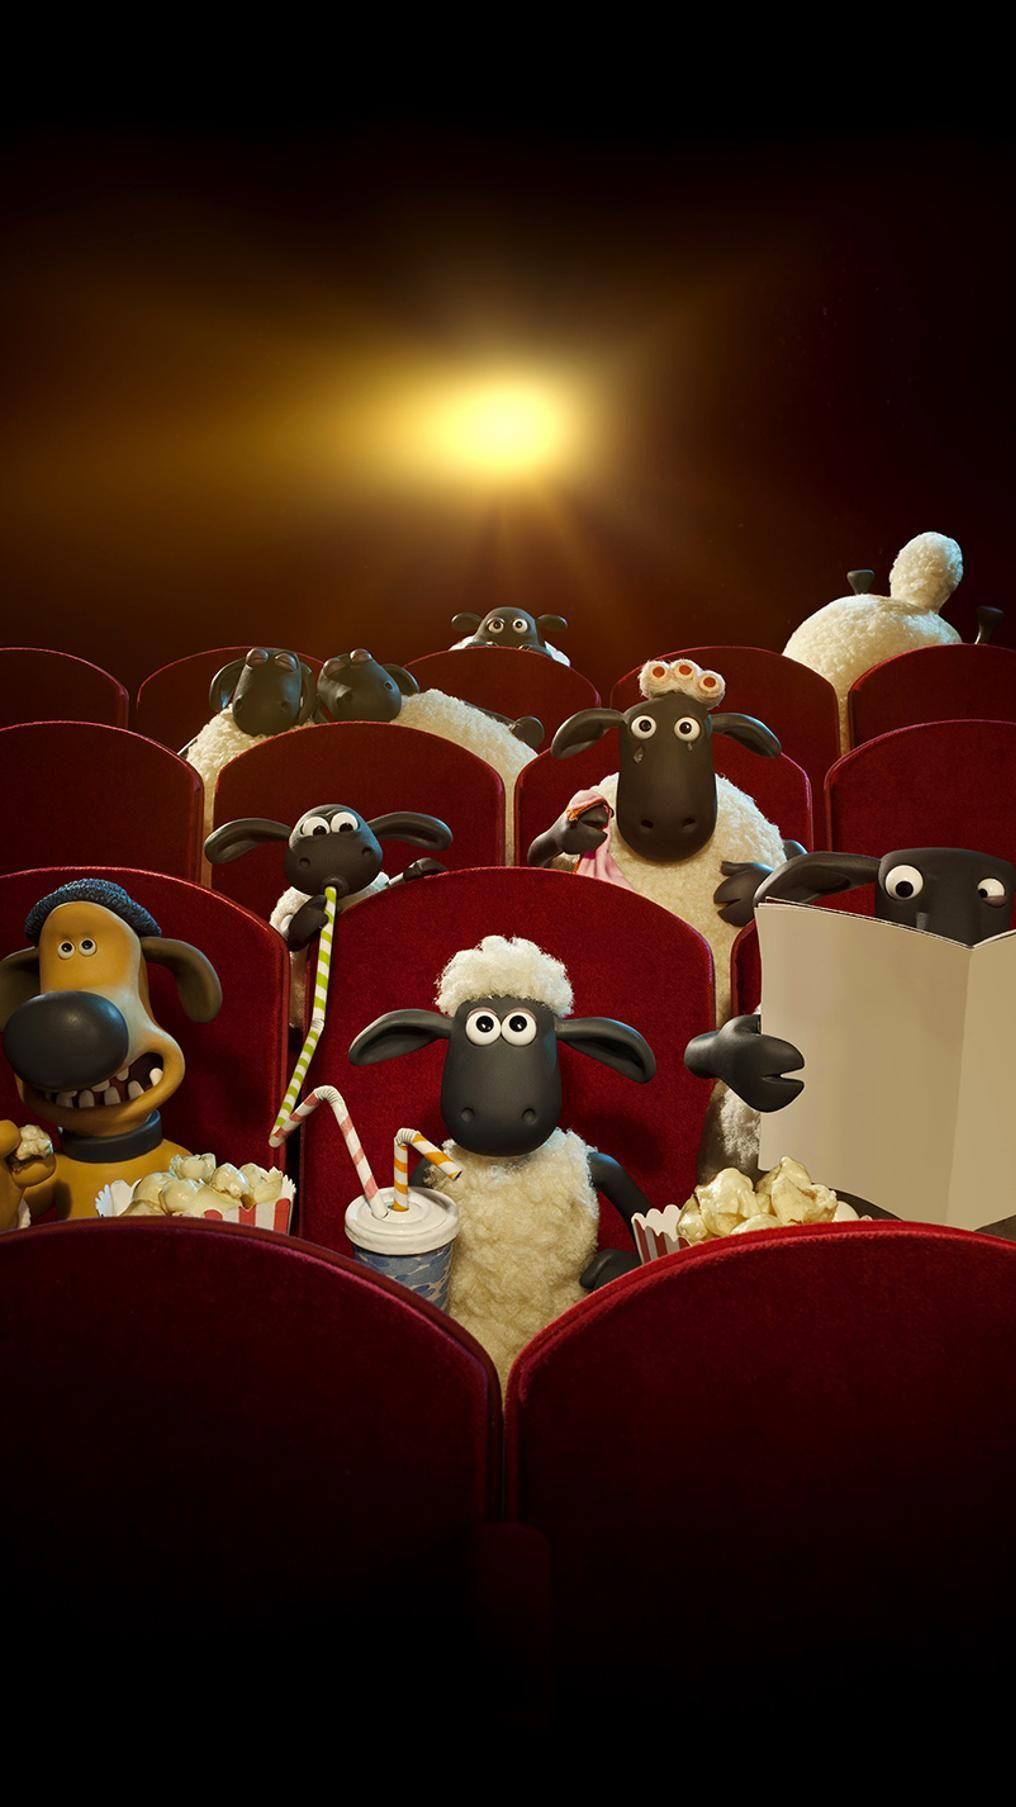 Shaun The Sheep Movie 2015 Phone Wallpaper 2020 ひつじの